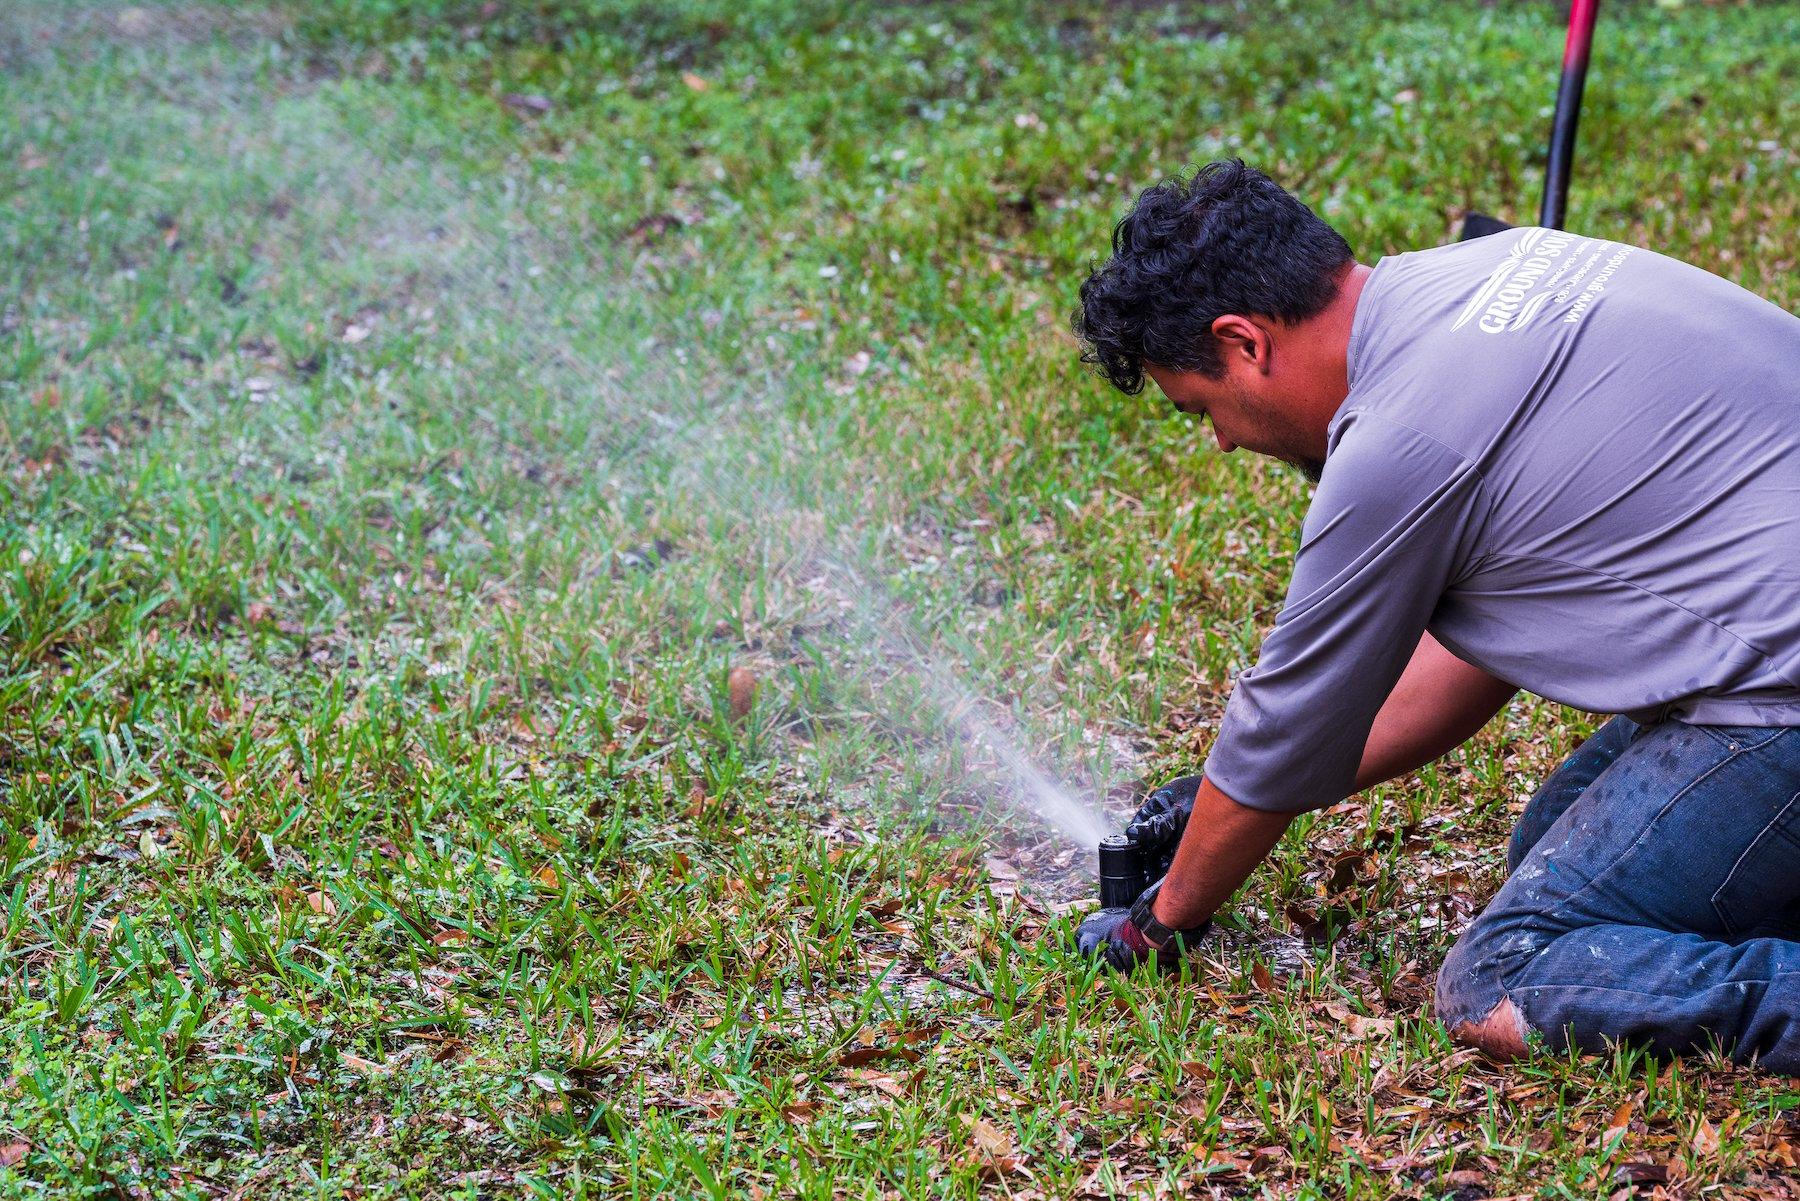 Irrigation crew making sprinkler adjustments